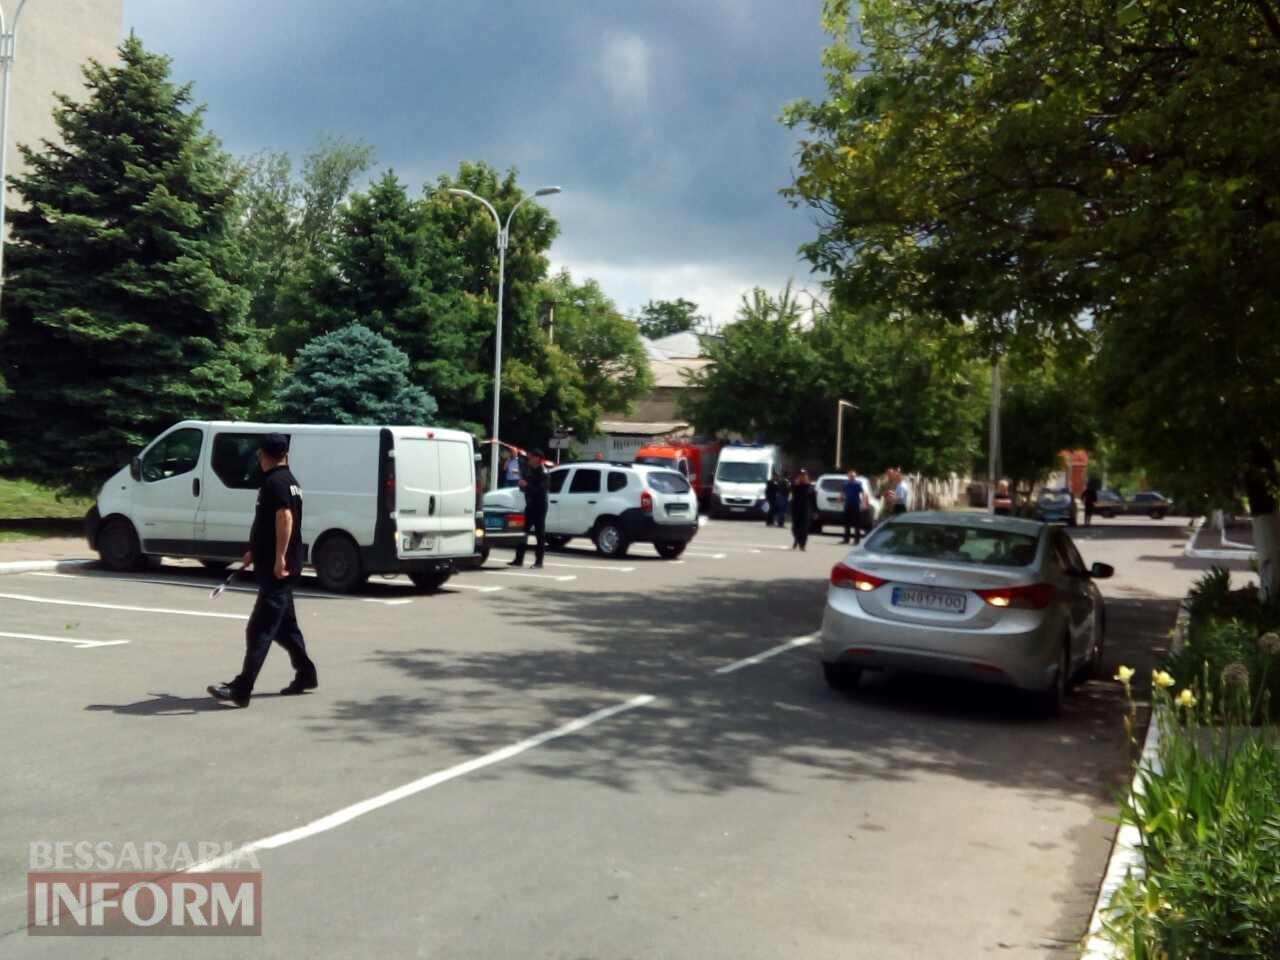 592157705979f_34636 Антитеррористические учения в Измаиле: возле здания городского совета обнаружен подозрительный предмет